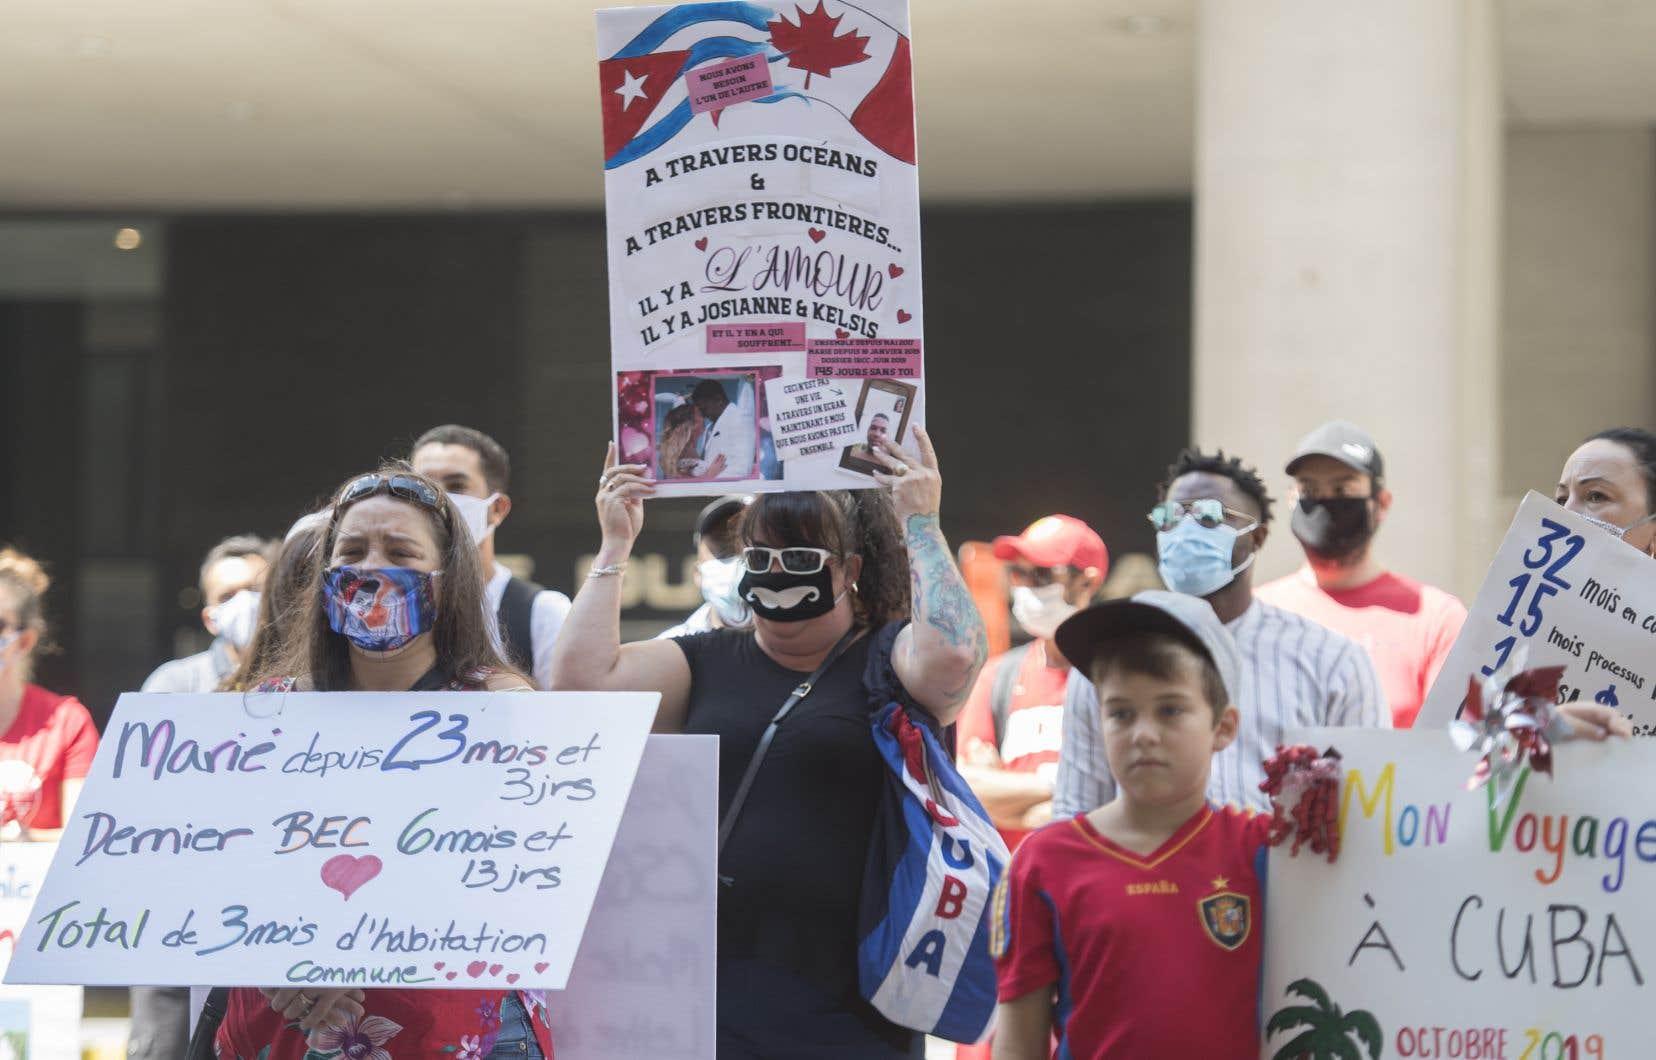 Par ces manifestations à travers le pays, ces citoyens espèrent attirer l'attention d'Ottawa afin que le gouvernement règle leur situation en priorité.